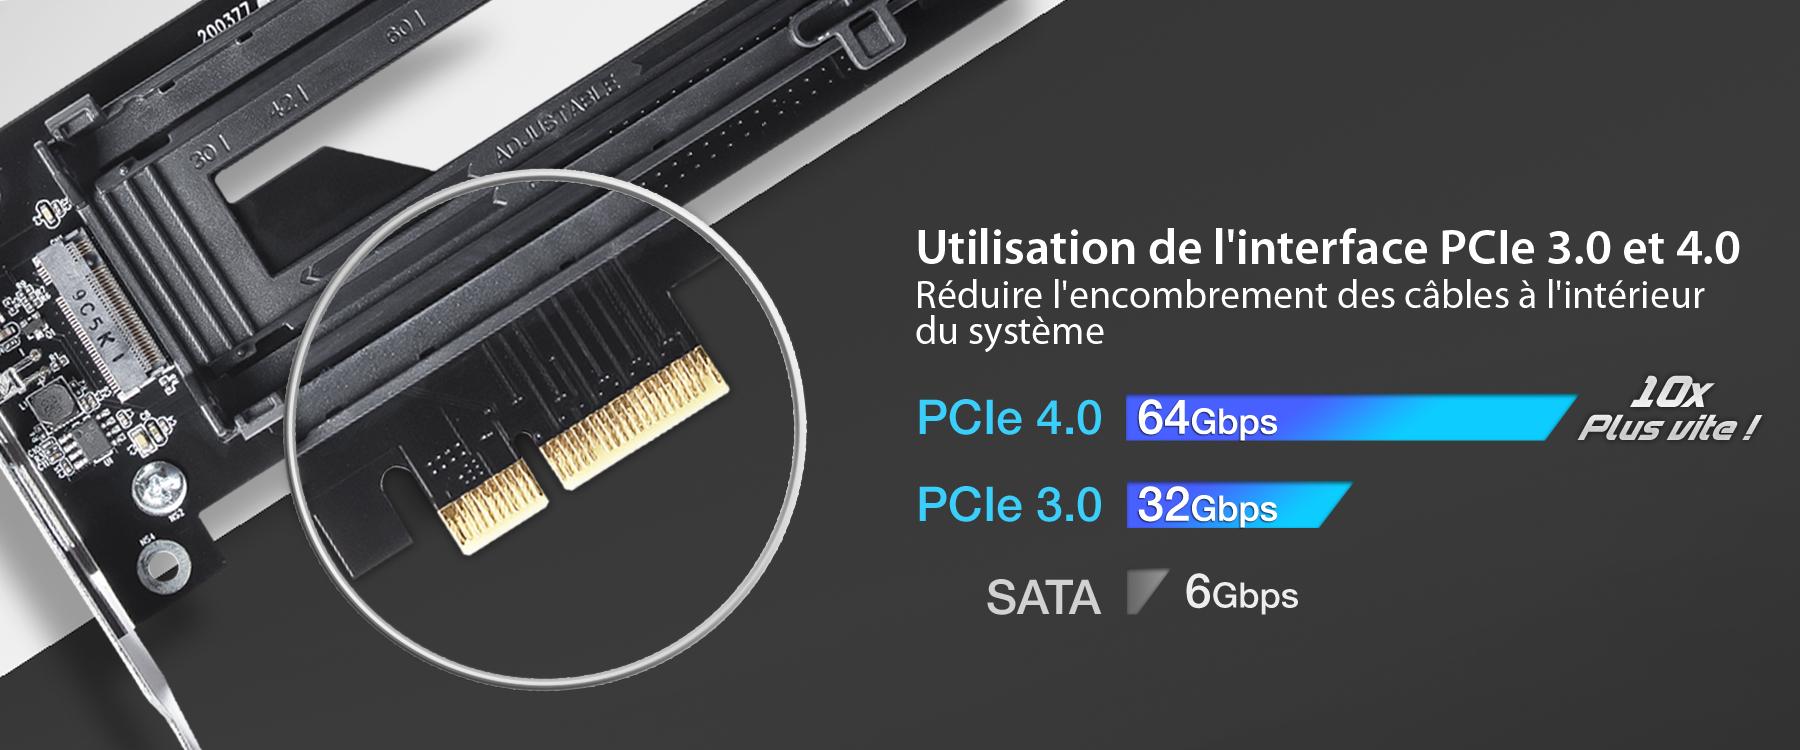 Photo de l'interface PCIe 3.0 qui permet de réduire l'encombrement des cables